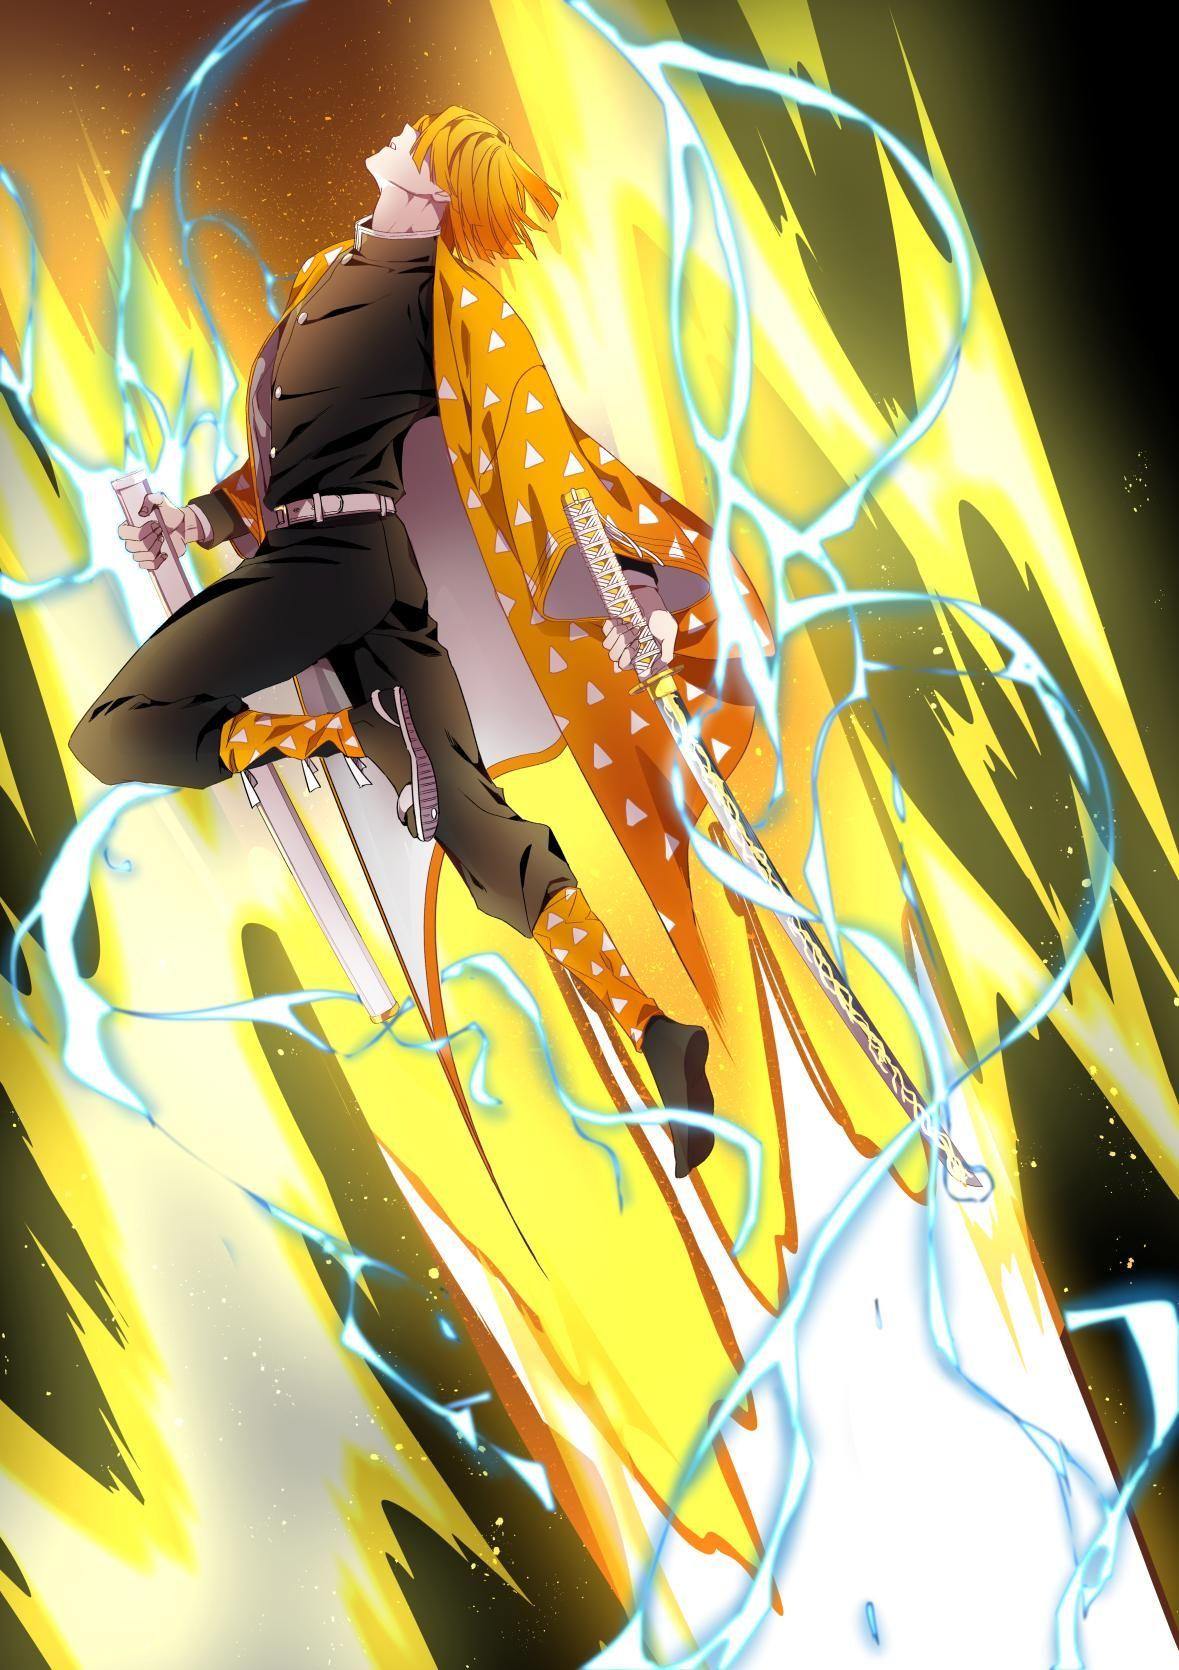 Ginso/ギンソ on Anime demon, Slayer anime, Anime art